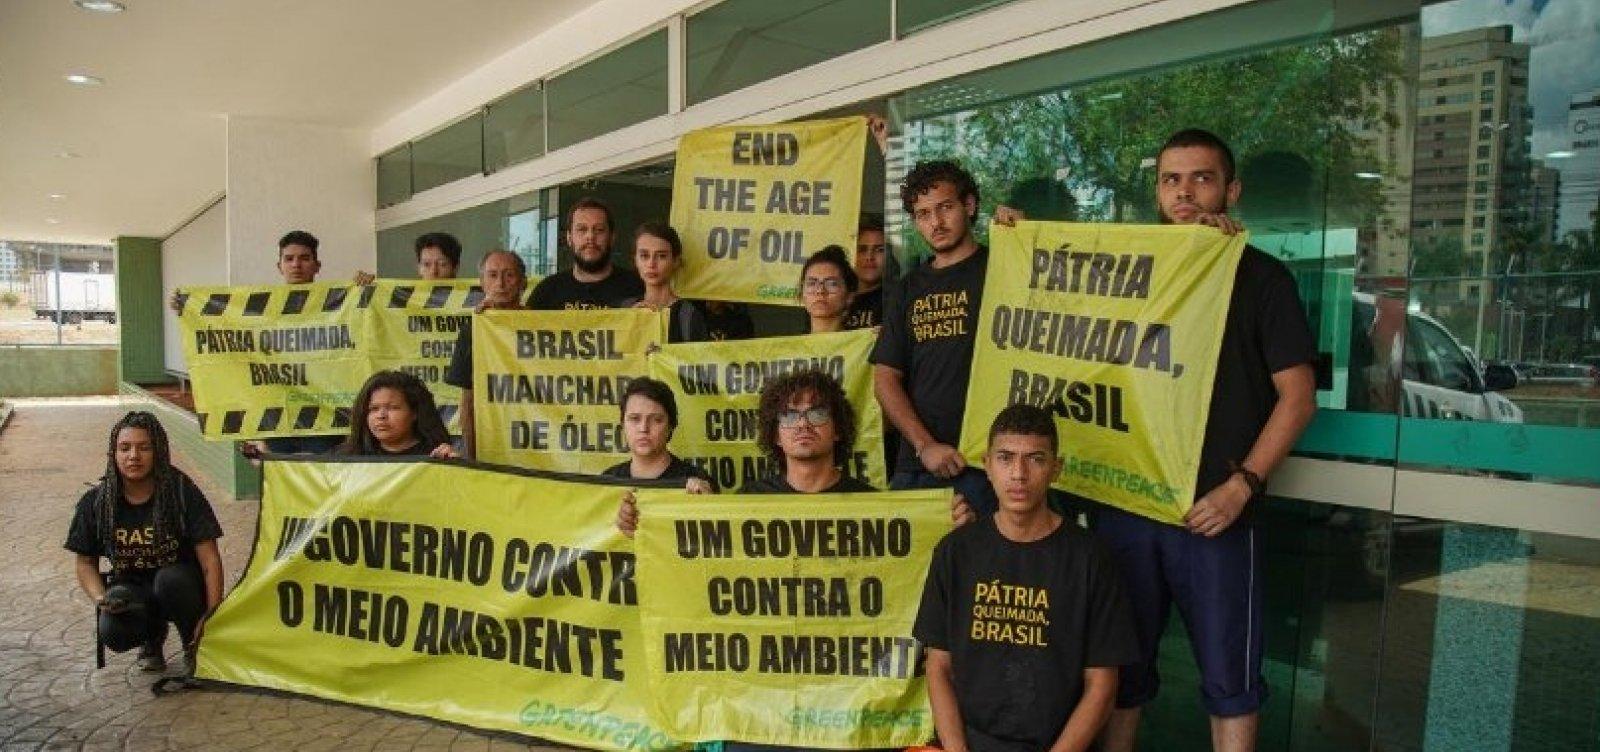 [Ativistas do Greenpeace que protestaram em Brasília são presos]